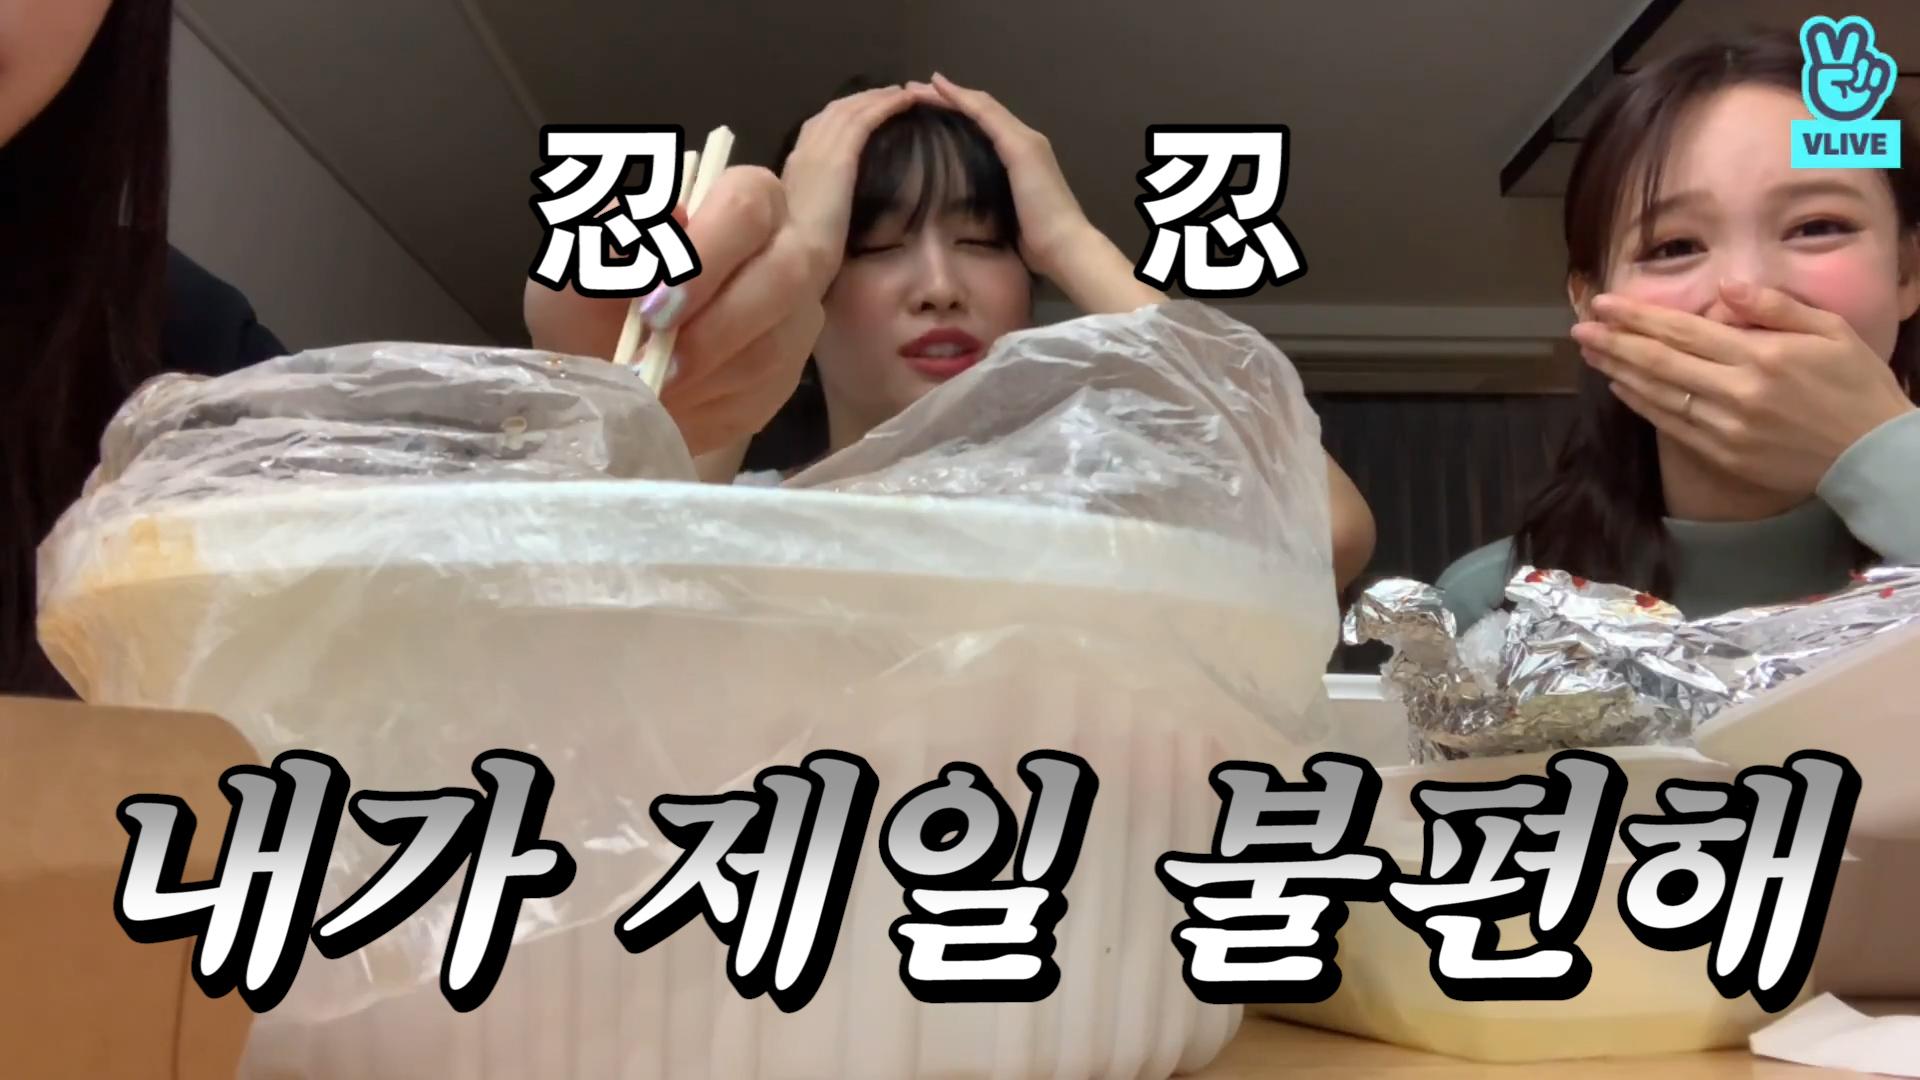 [TWICE] 나모사 in 폭주시간..이 아니라 야식시간~٩(^0^)۶ (NaMoSa's nightsnacktime)